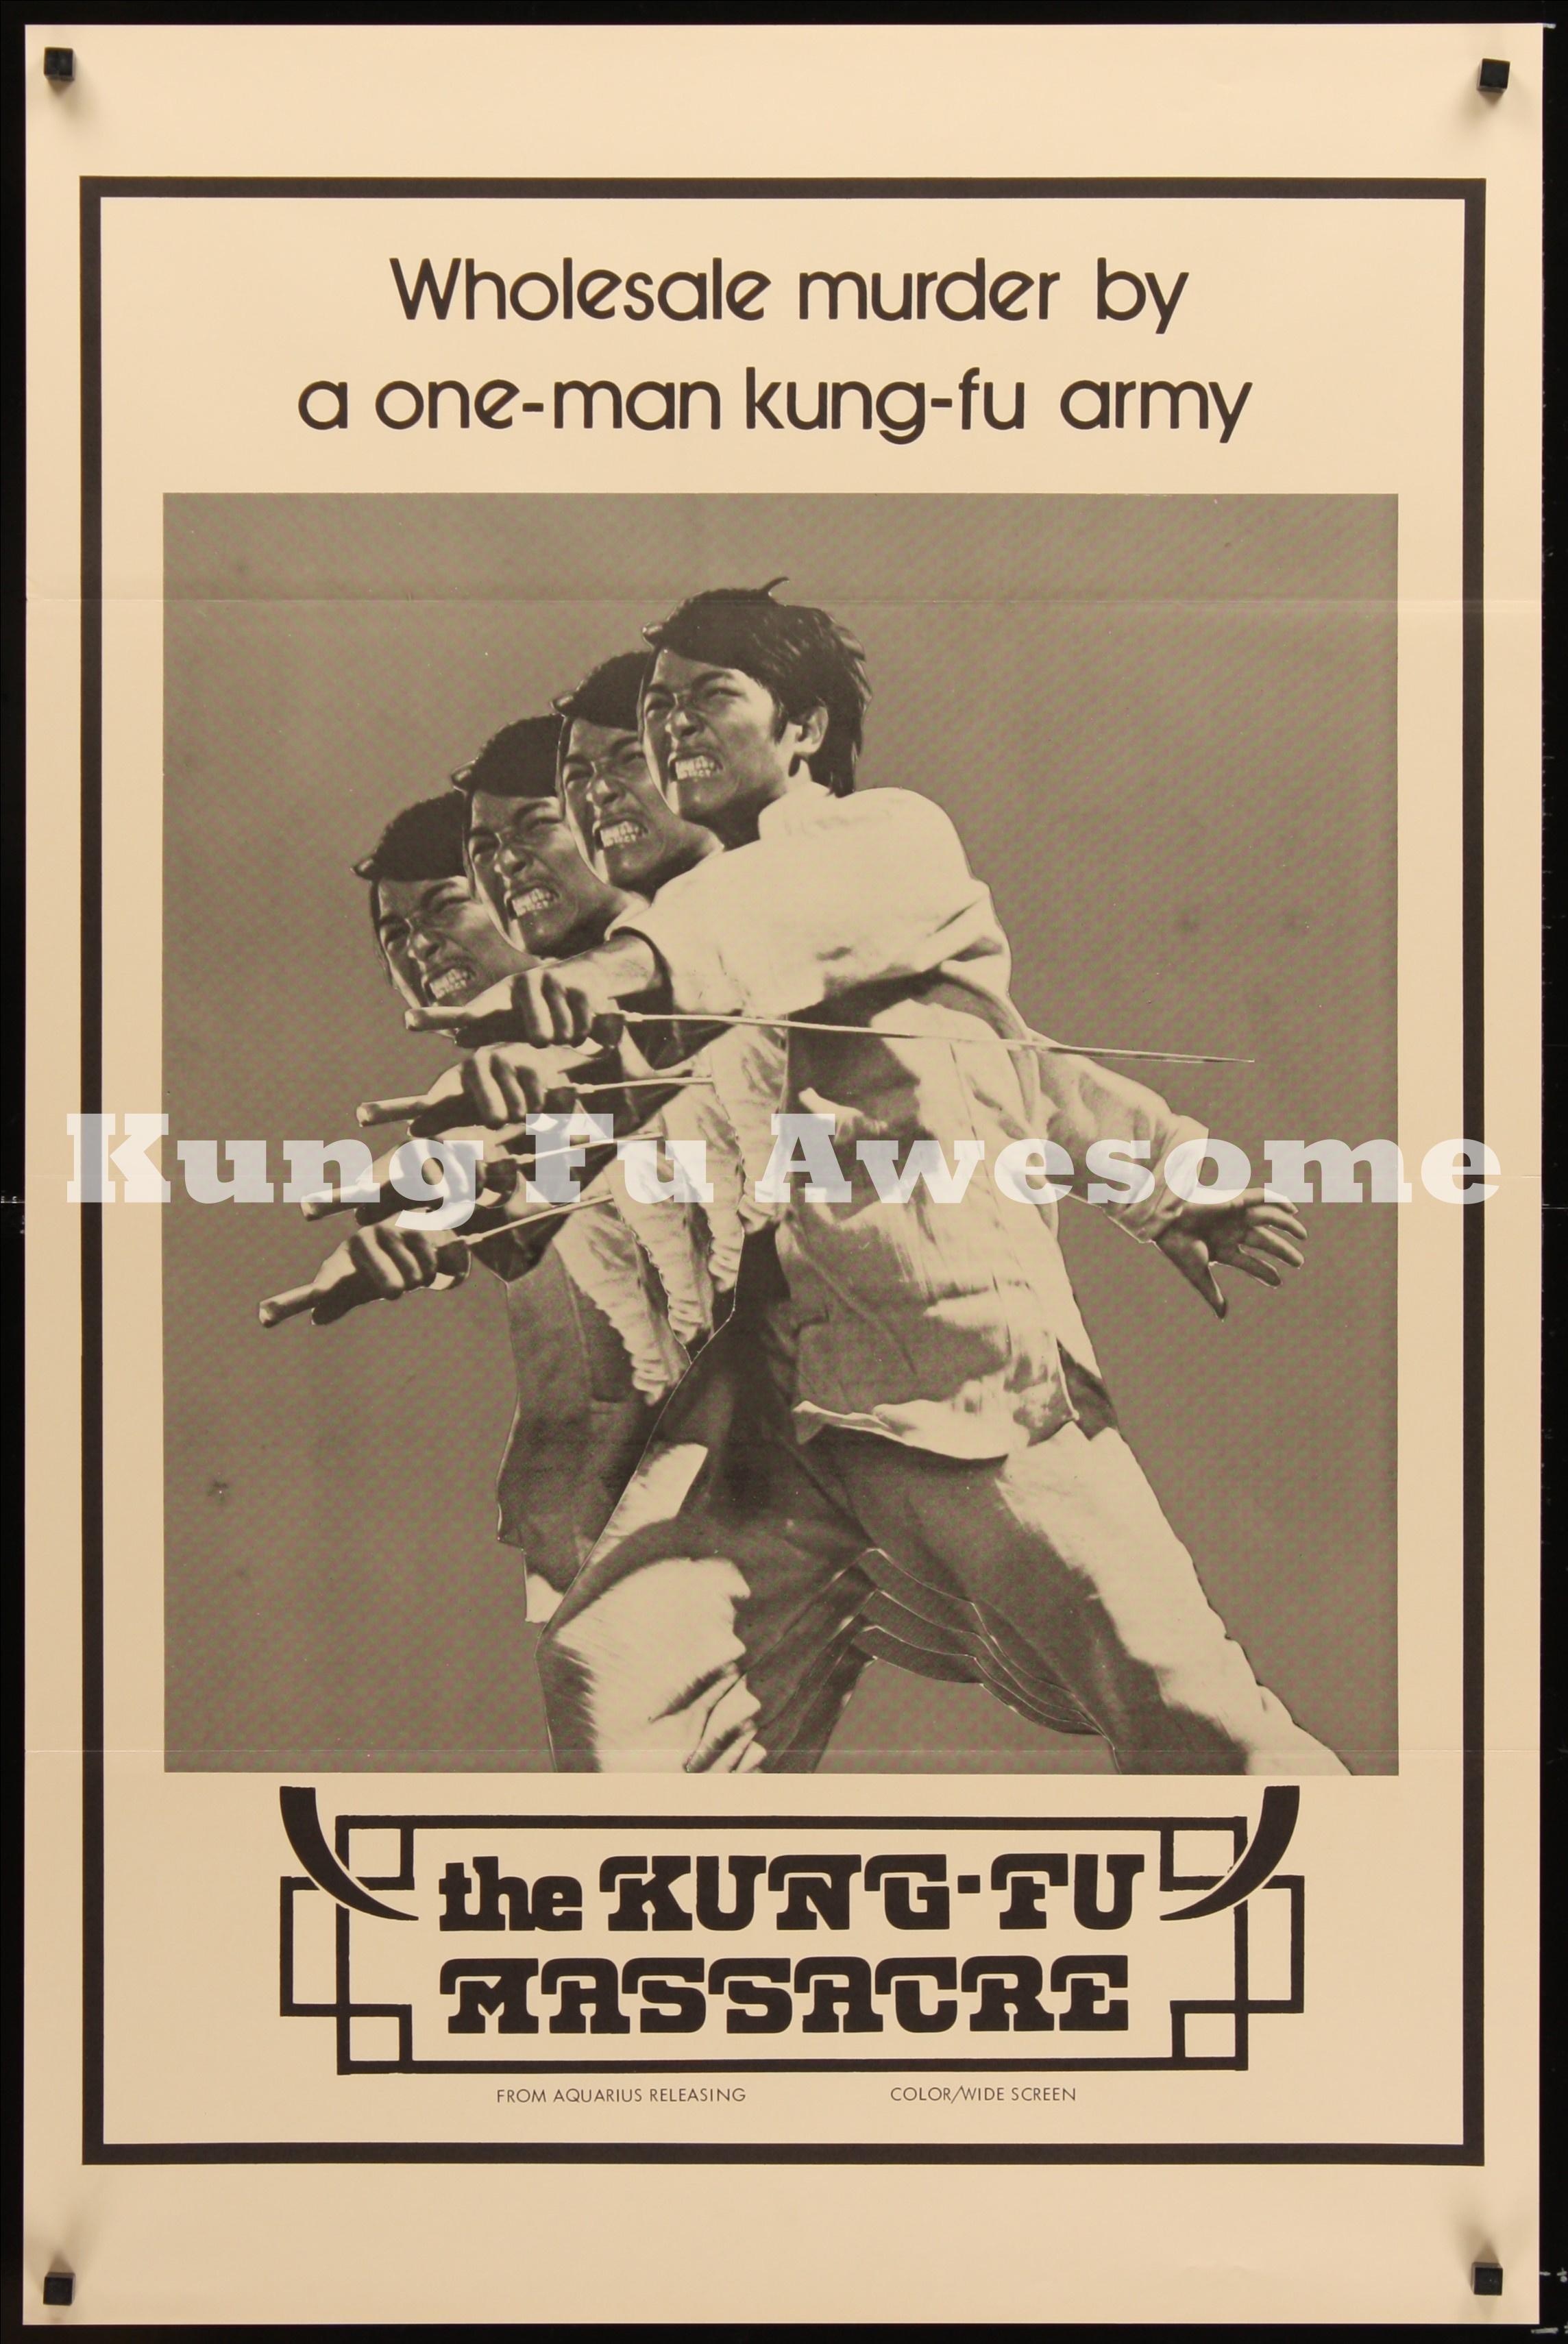 kung_fu_massacre_NZ02851_L.jpg